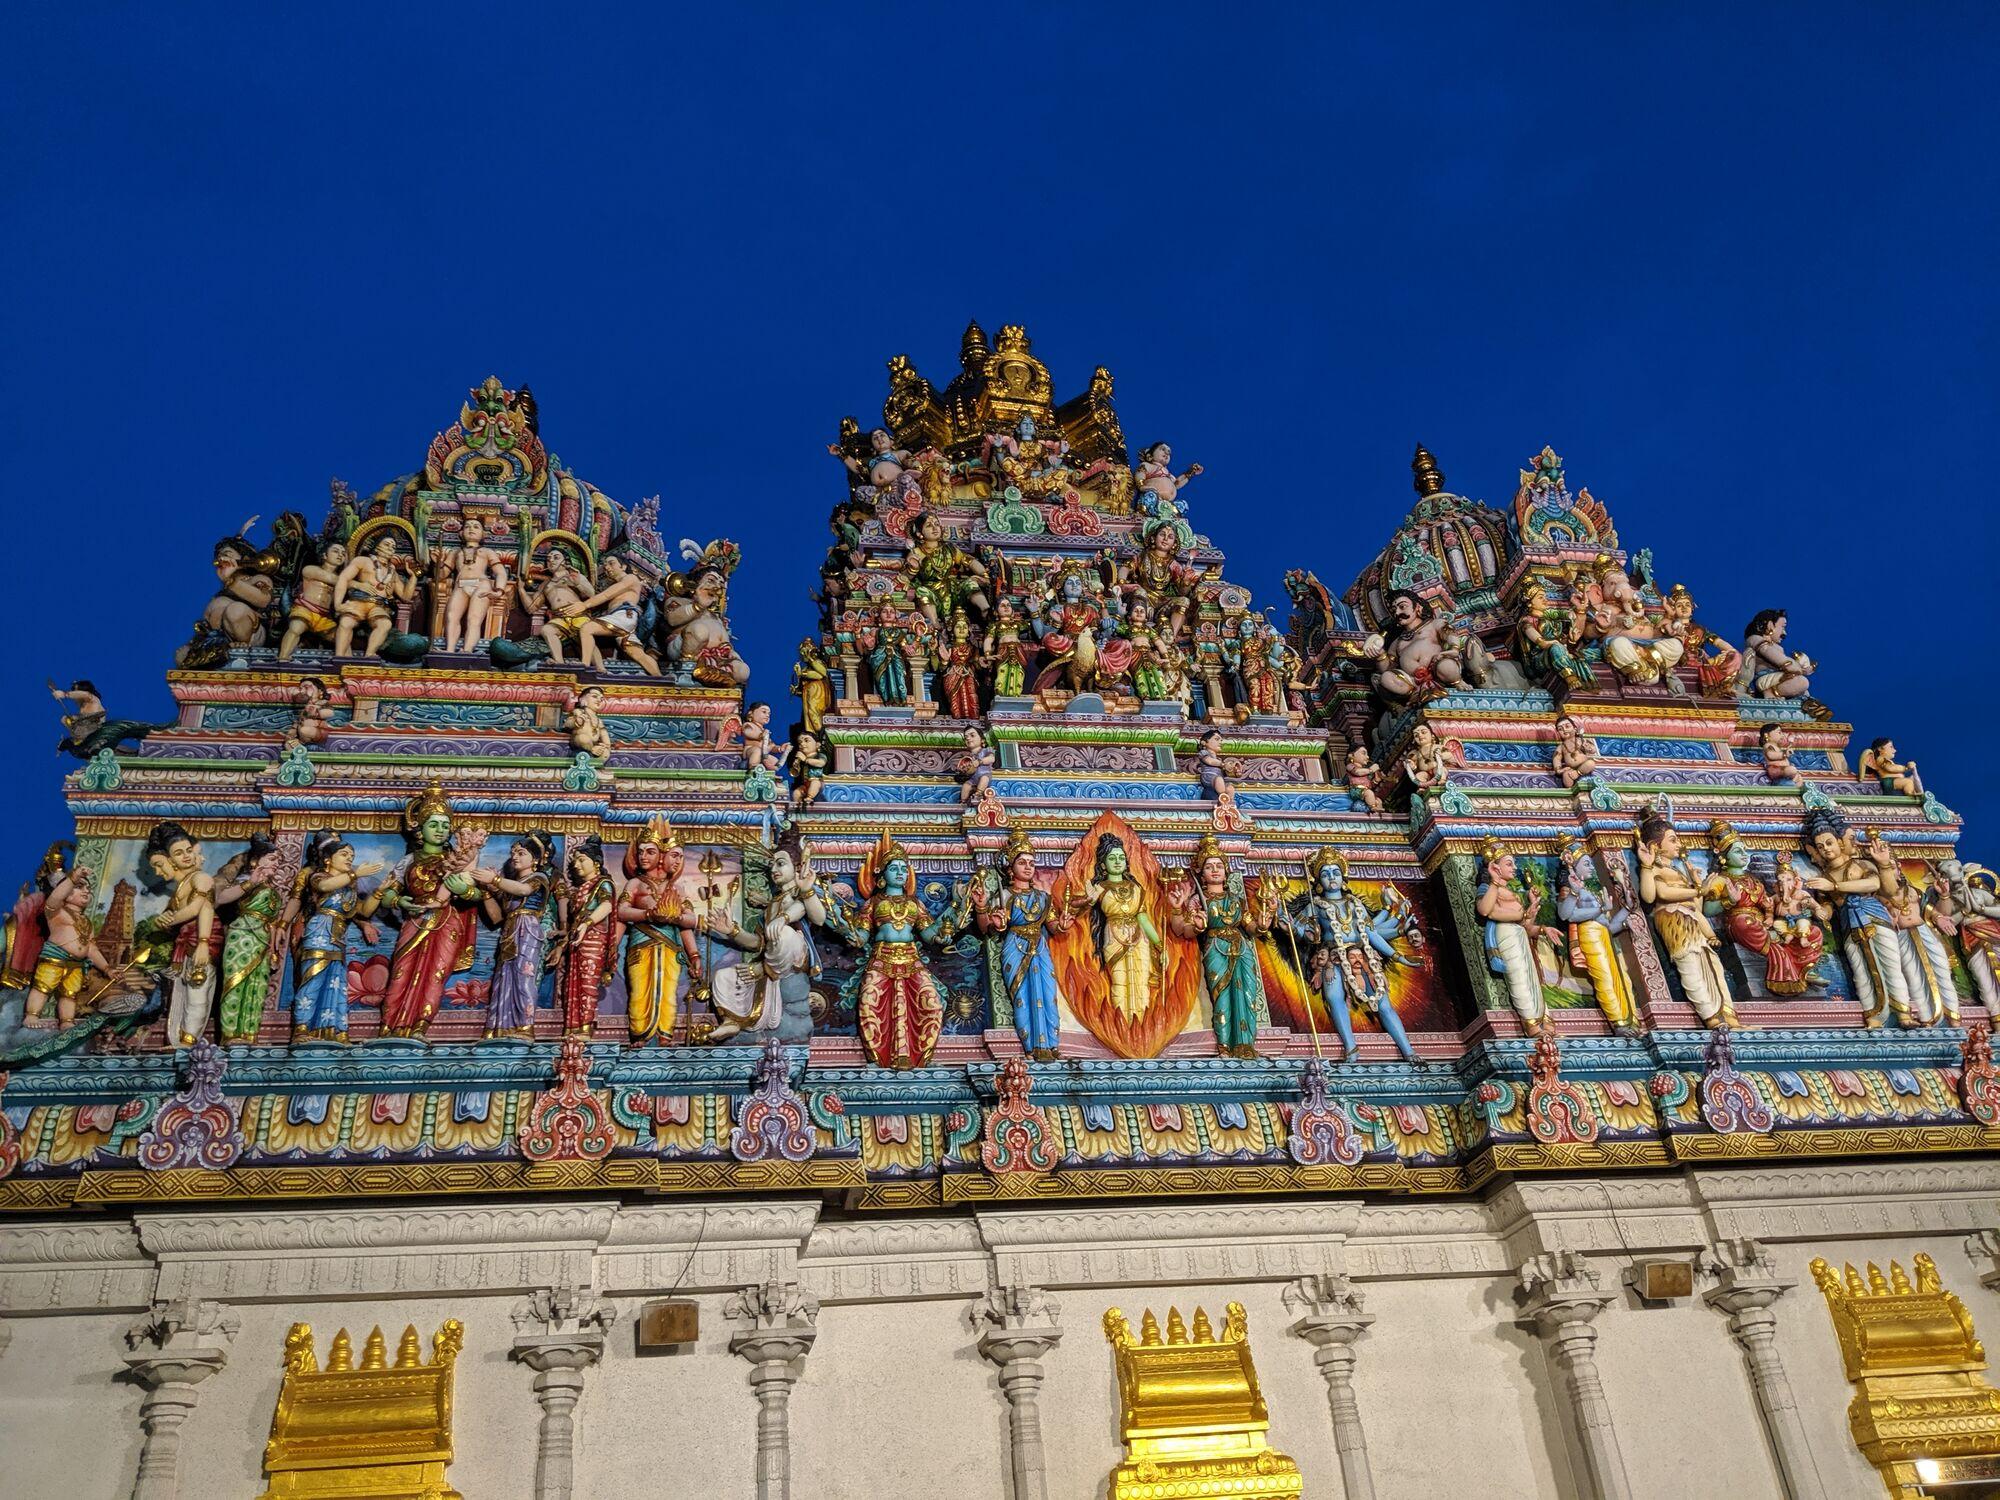 கோயில் கோபுரங்கள் - ஸ்ரீ வீரமாகாளியம்மன் கோயில்